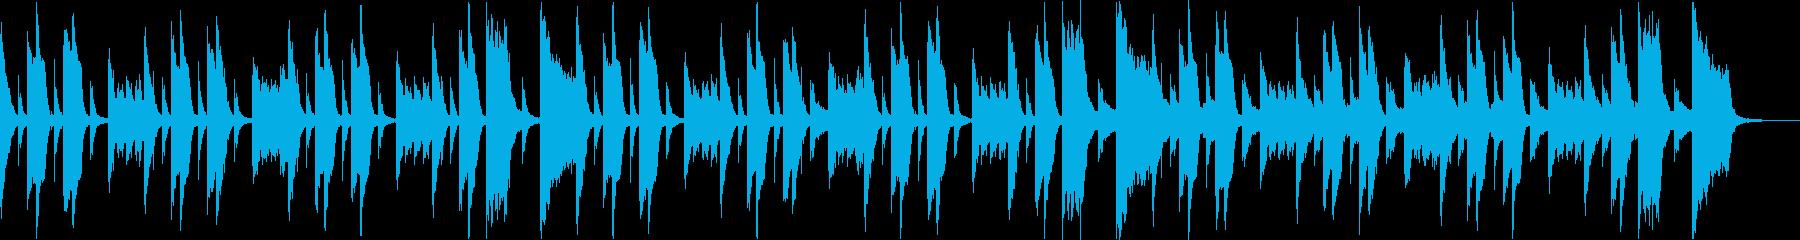 コミカルいたずらかわいい楽しいCM cの再生済みの波形